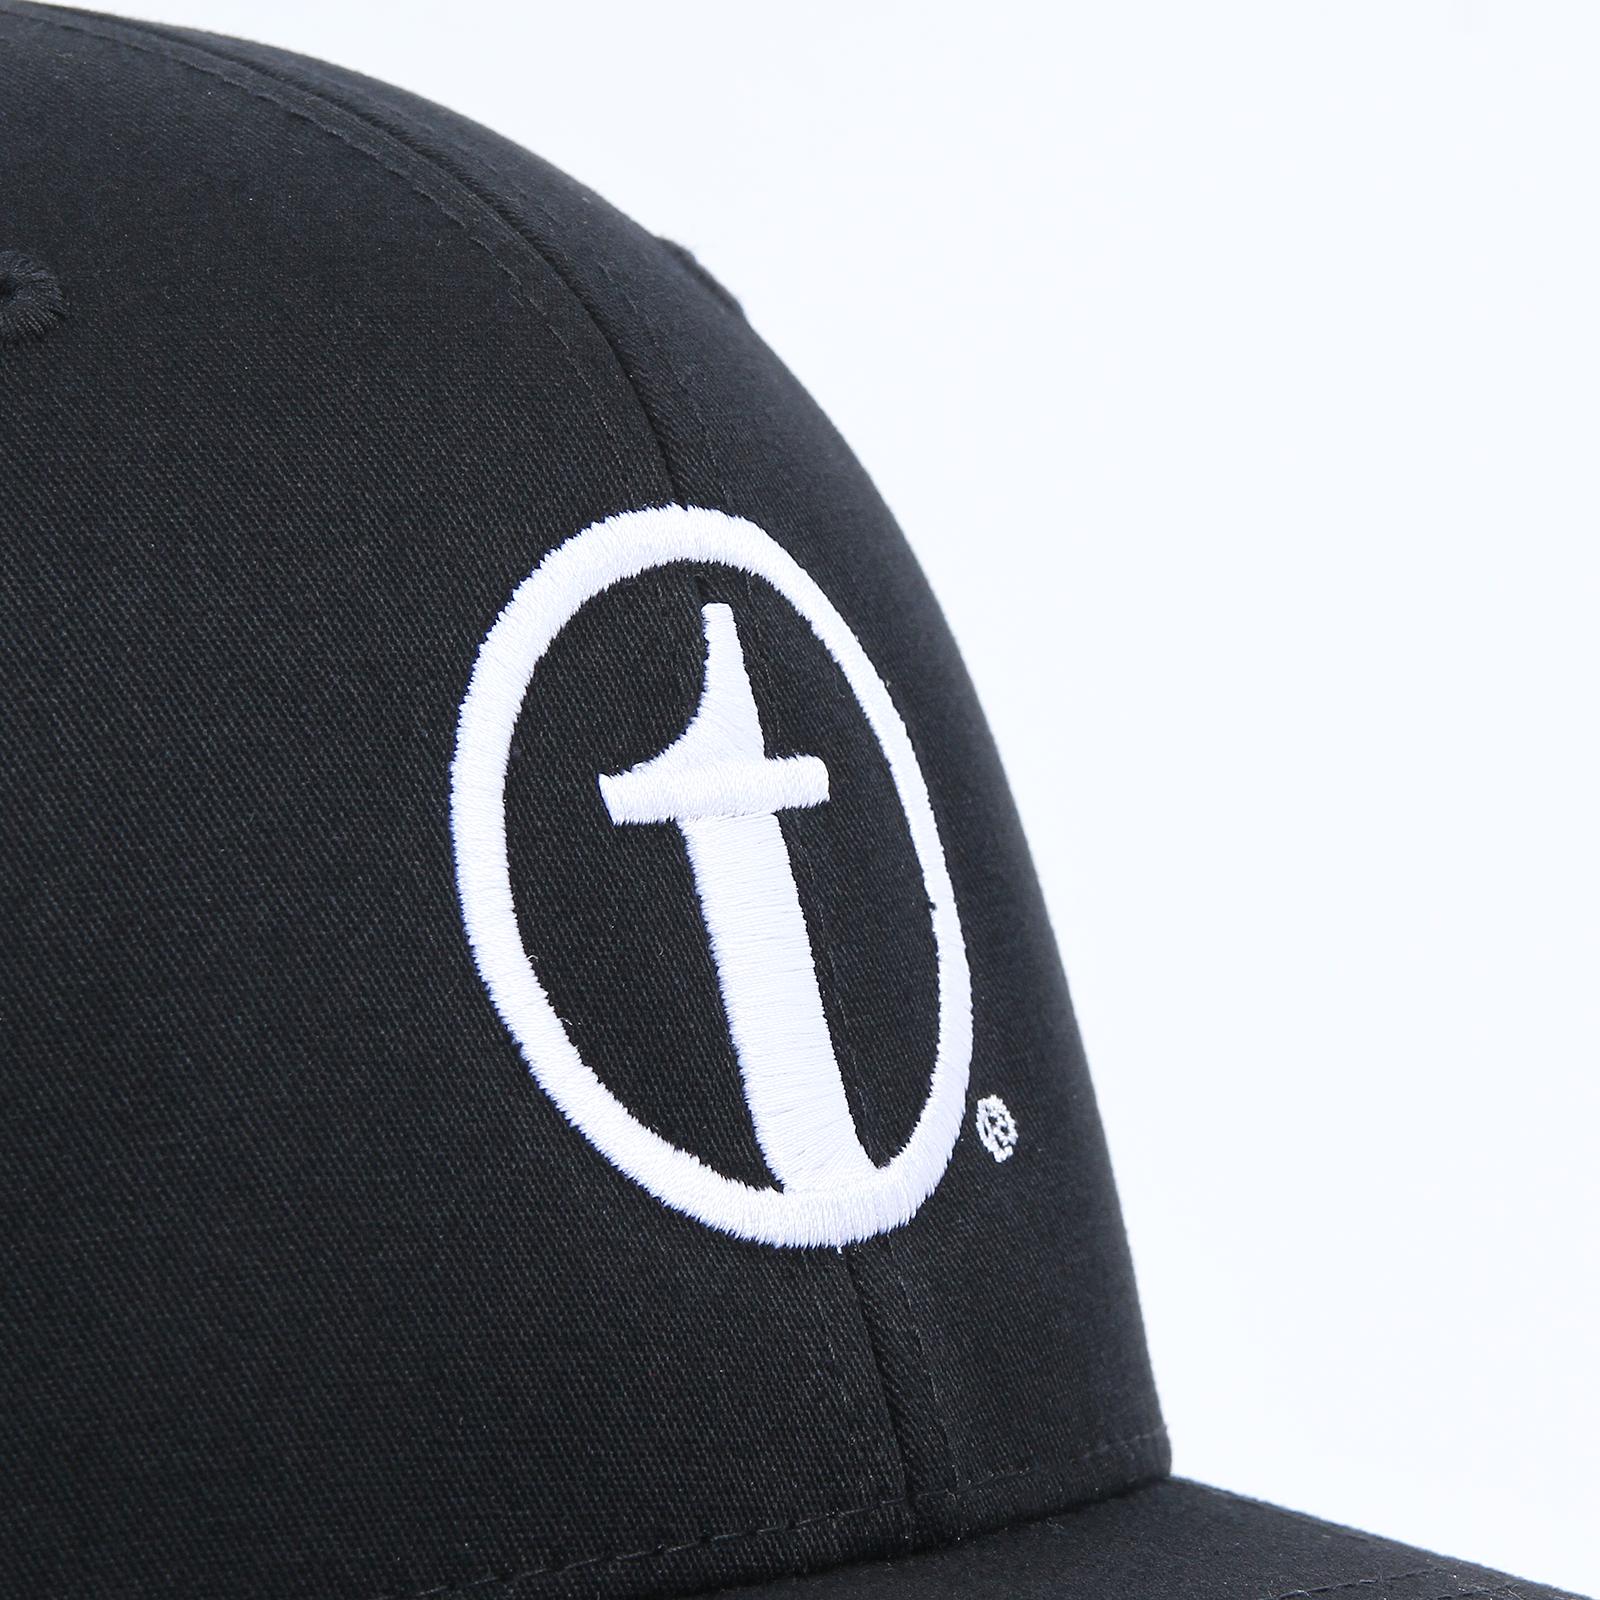 NTD Trucker Hat